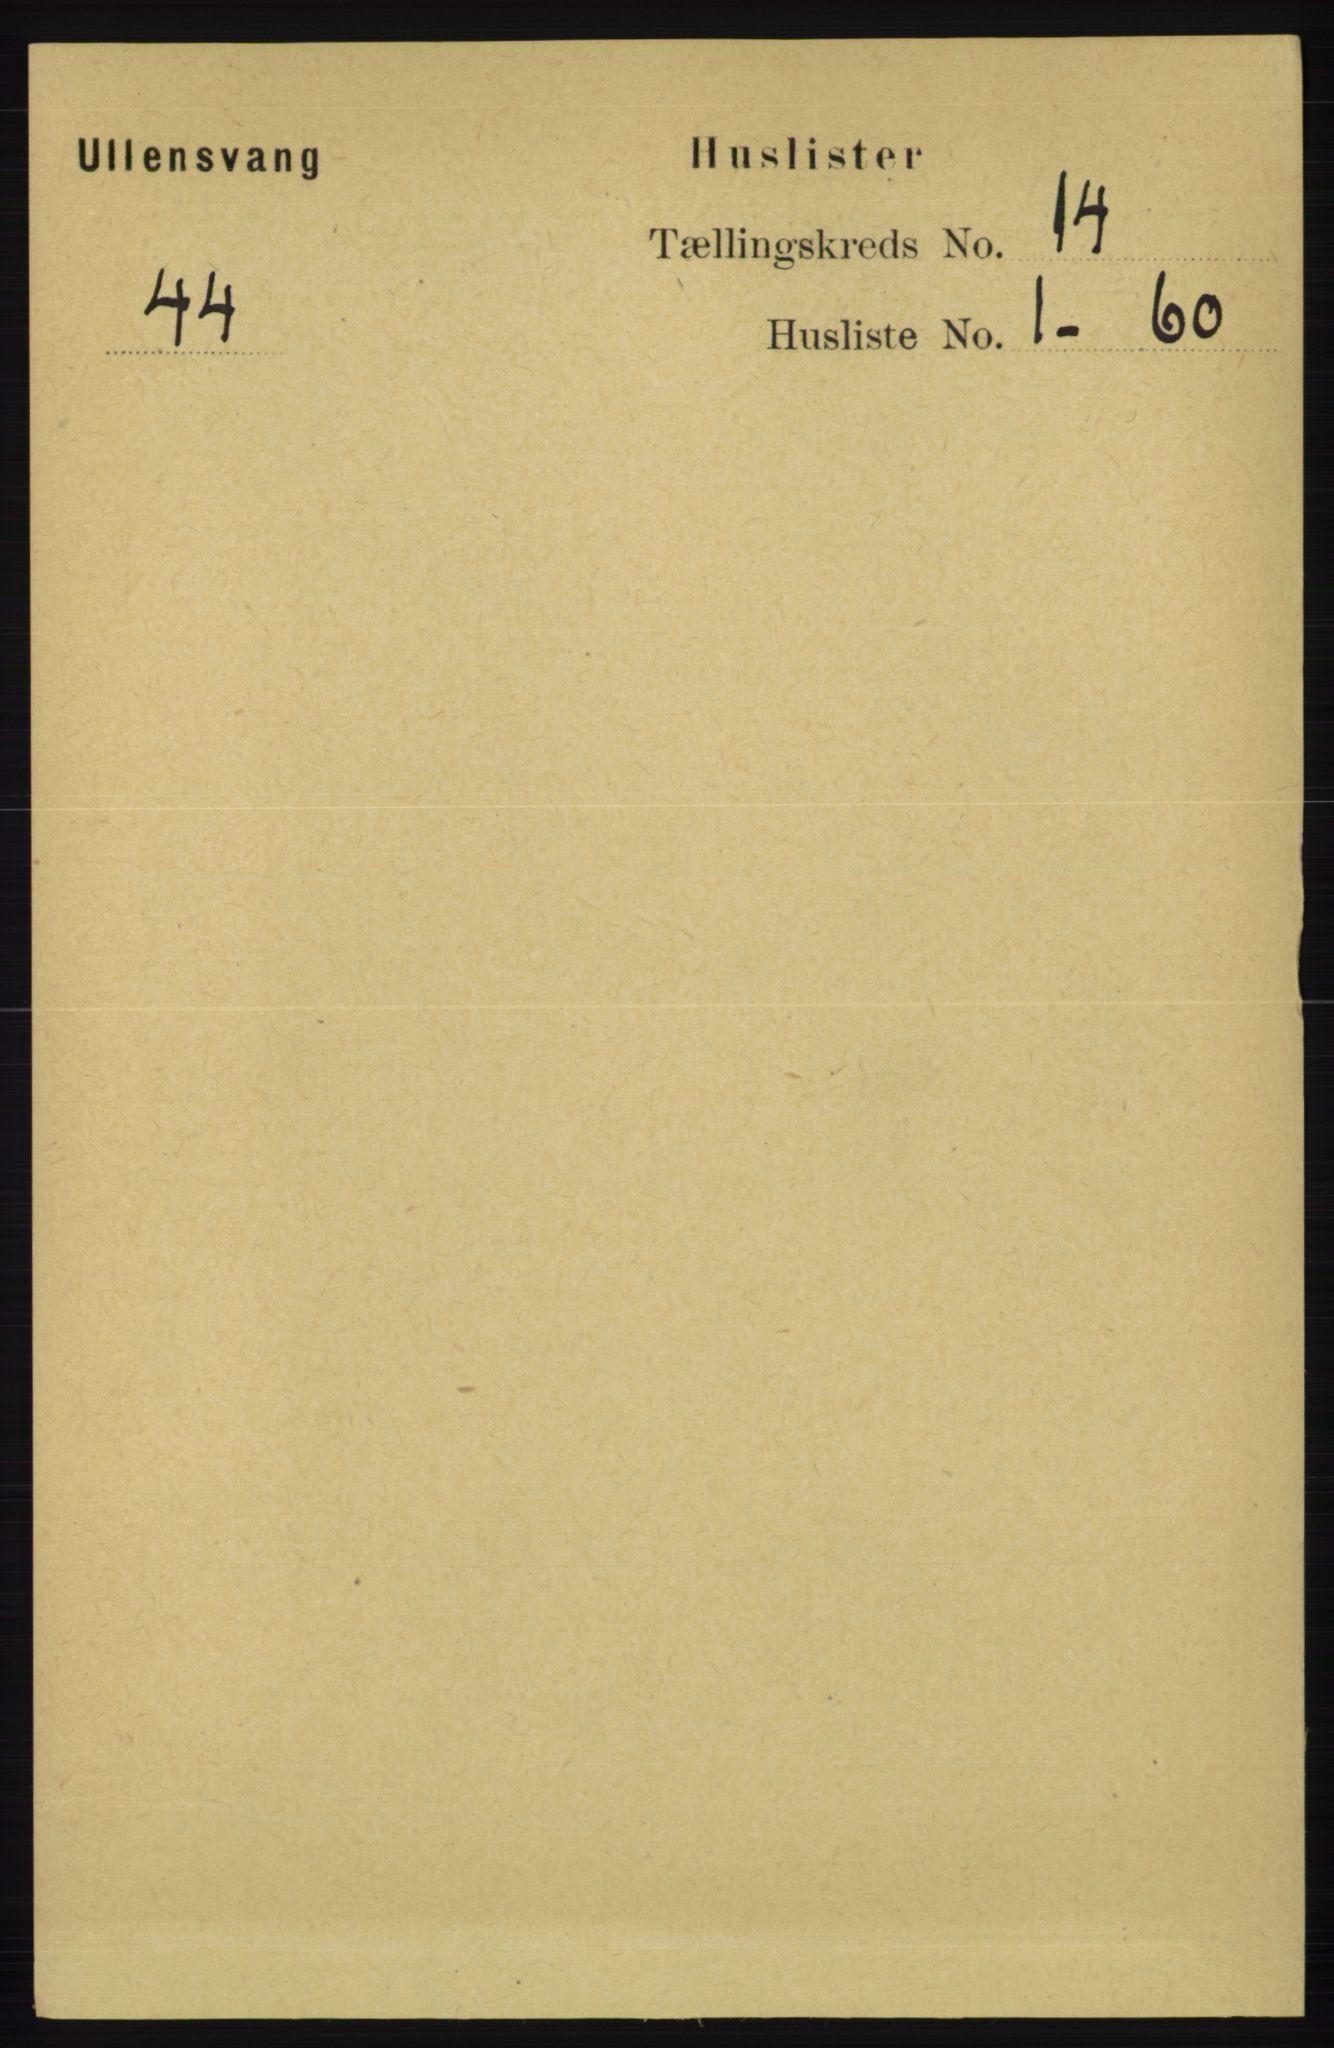 RA, Folketelling 1891 for 1230 Ullensvang herred, 1891, s. 5490